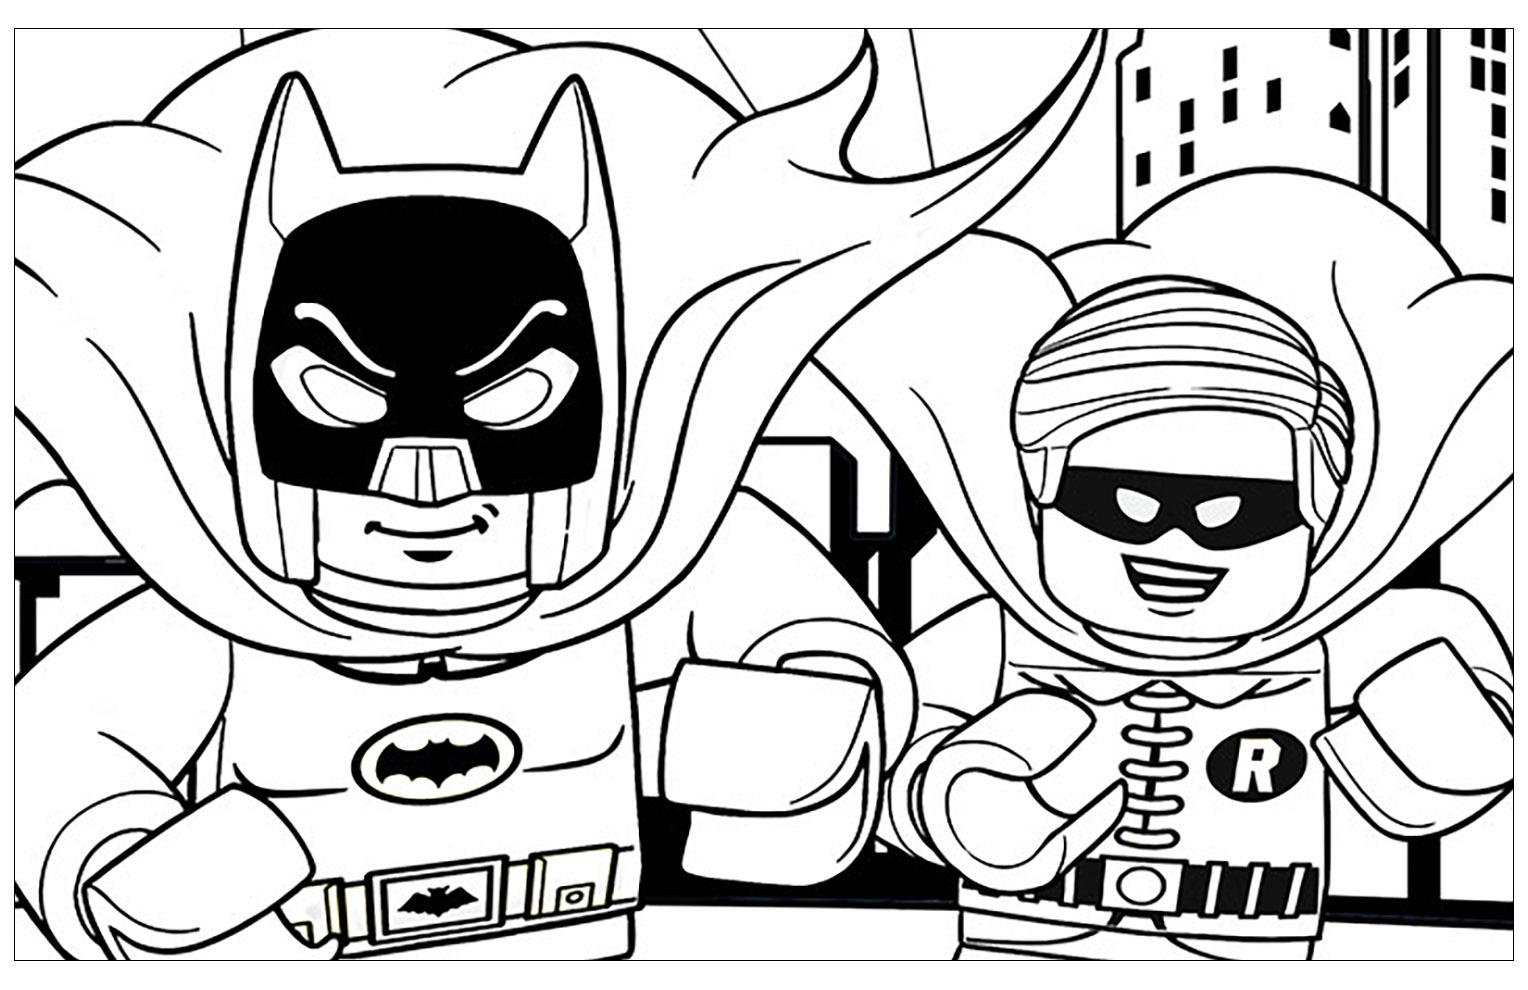 Image De Lego Batman A Imprimer Et Colorier Coloriage Lego